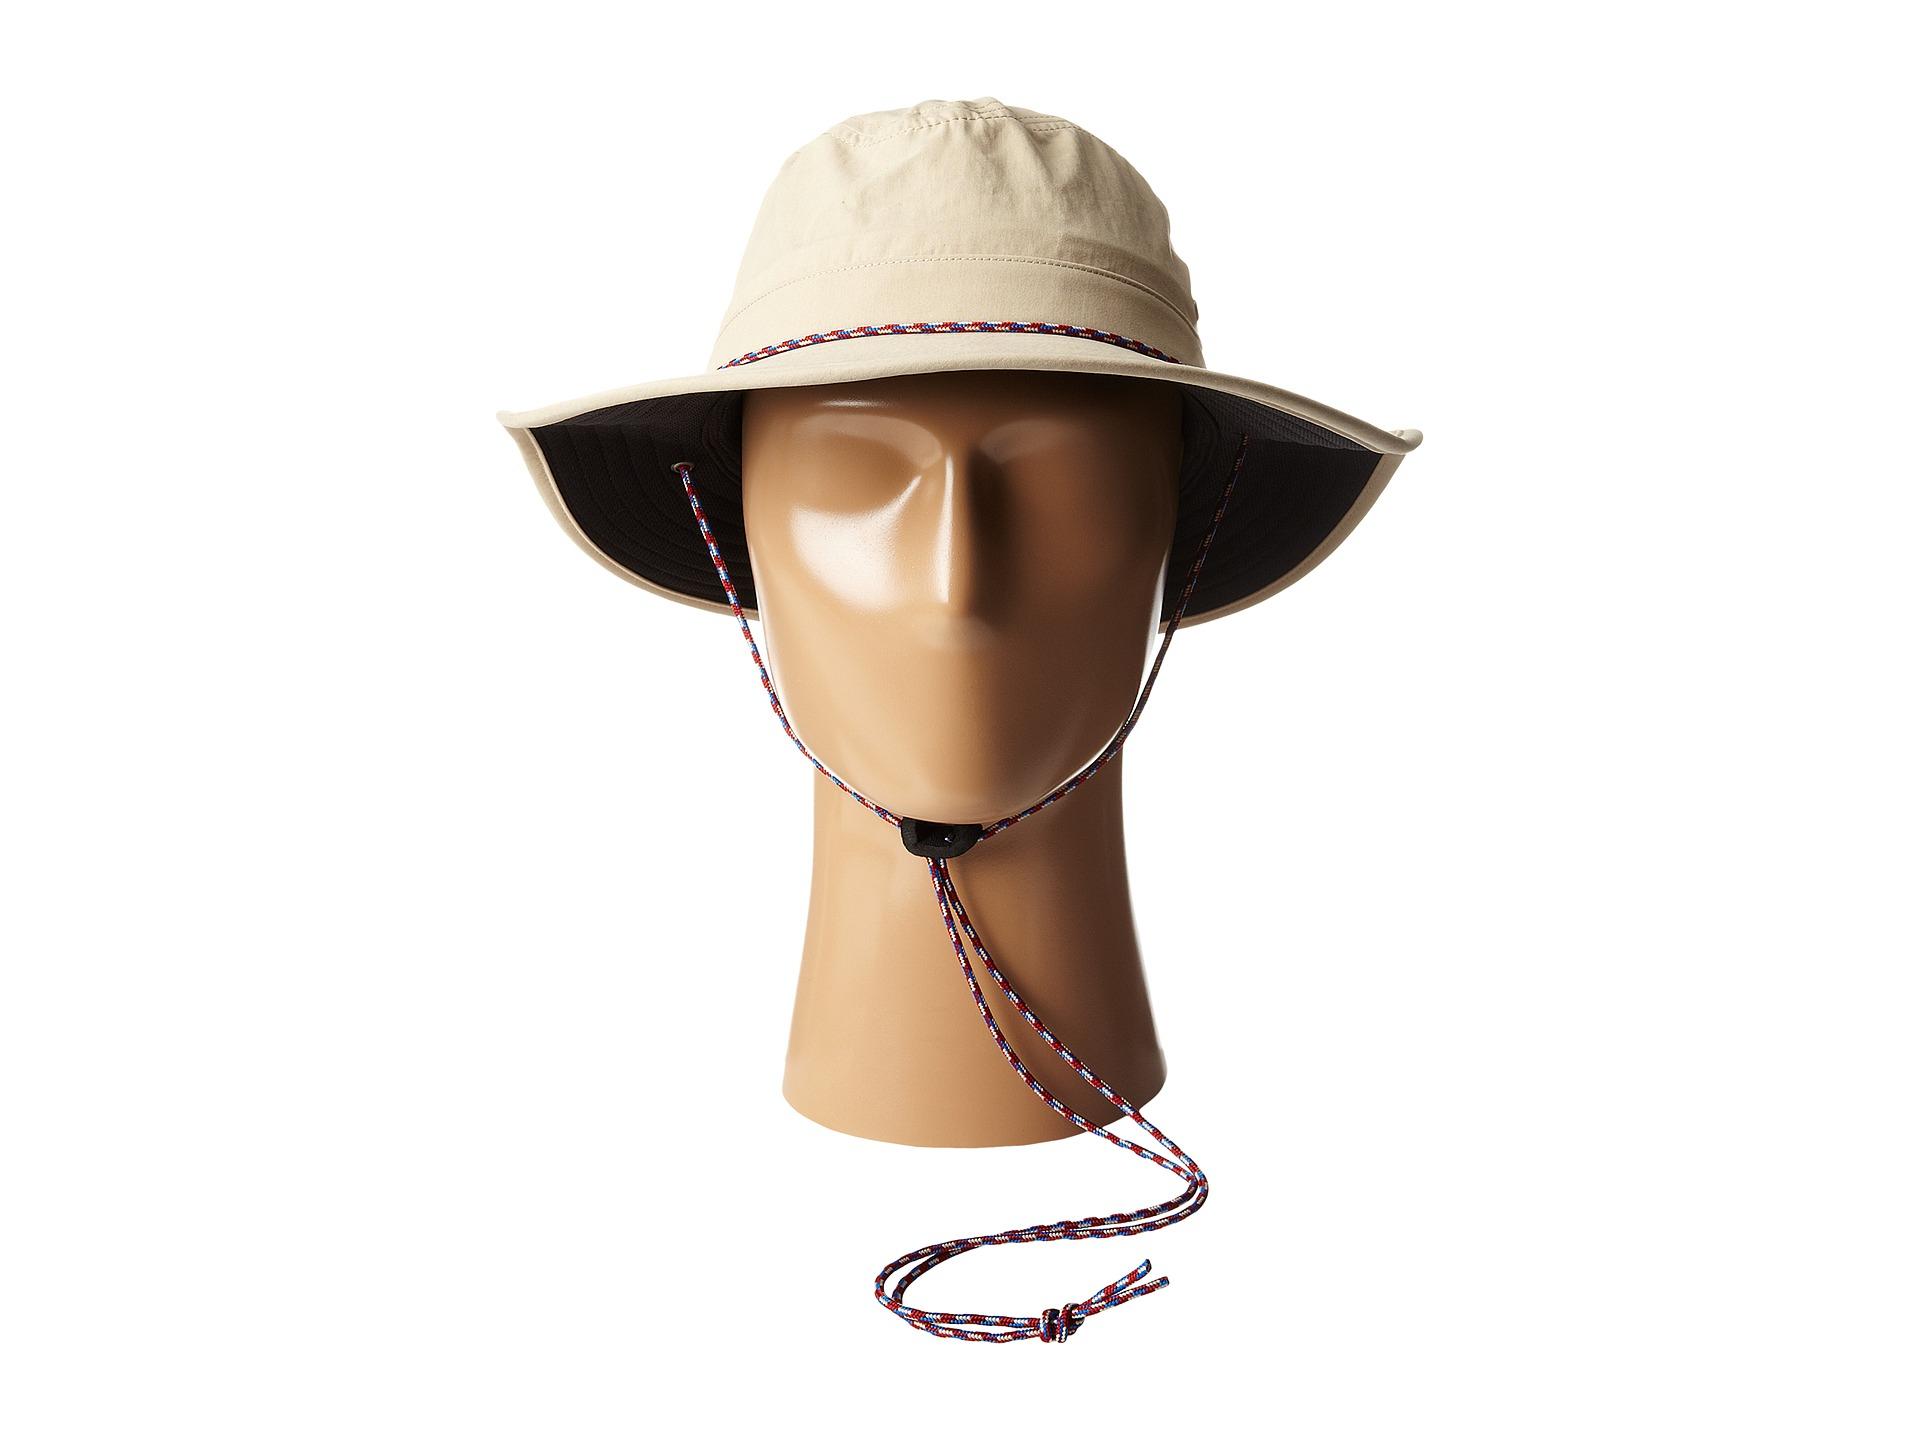 da1f3e3374c04 Patagonia Tenpenny Hat in Natural - Lyst